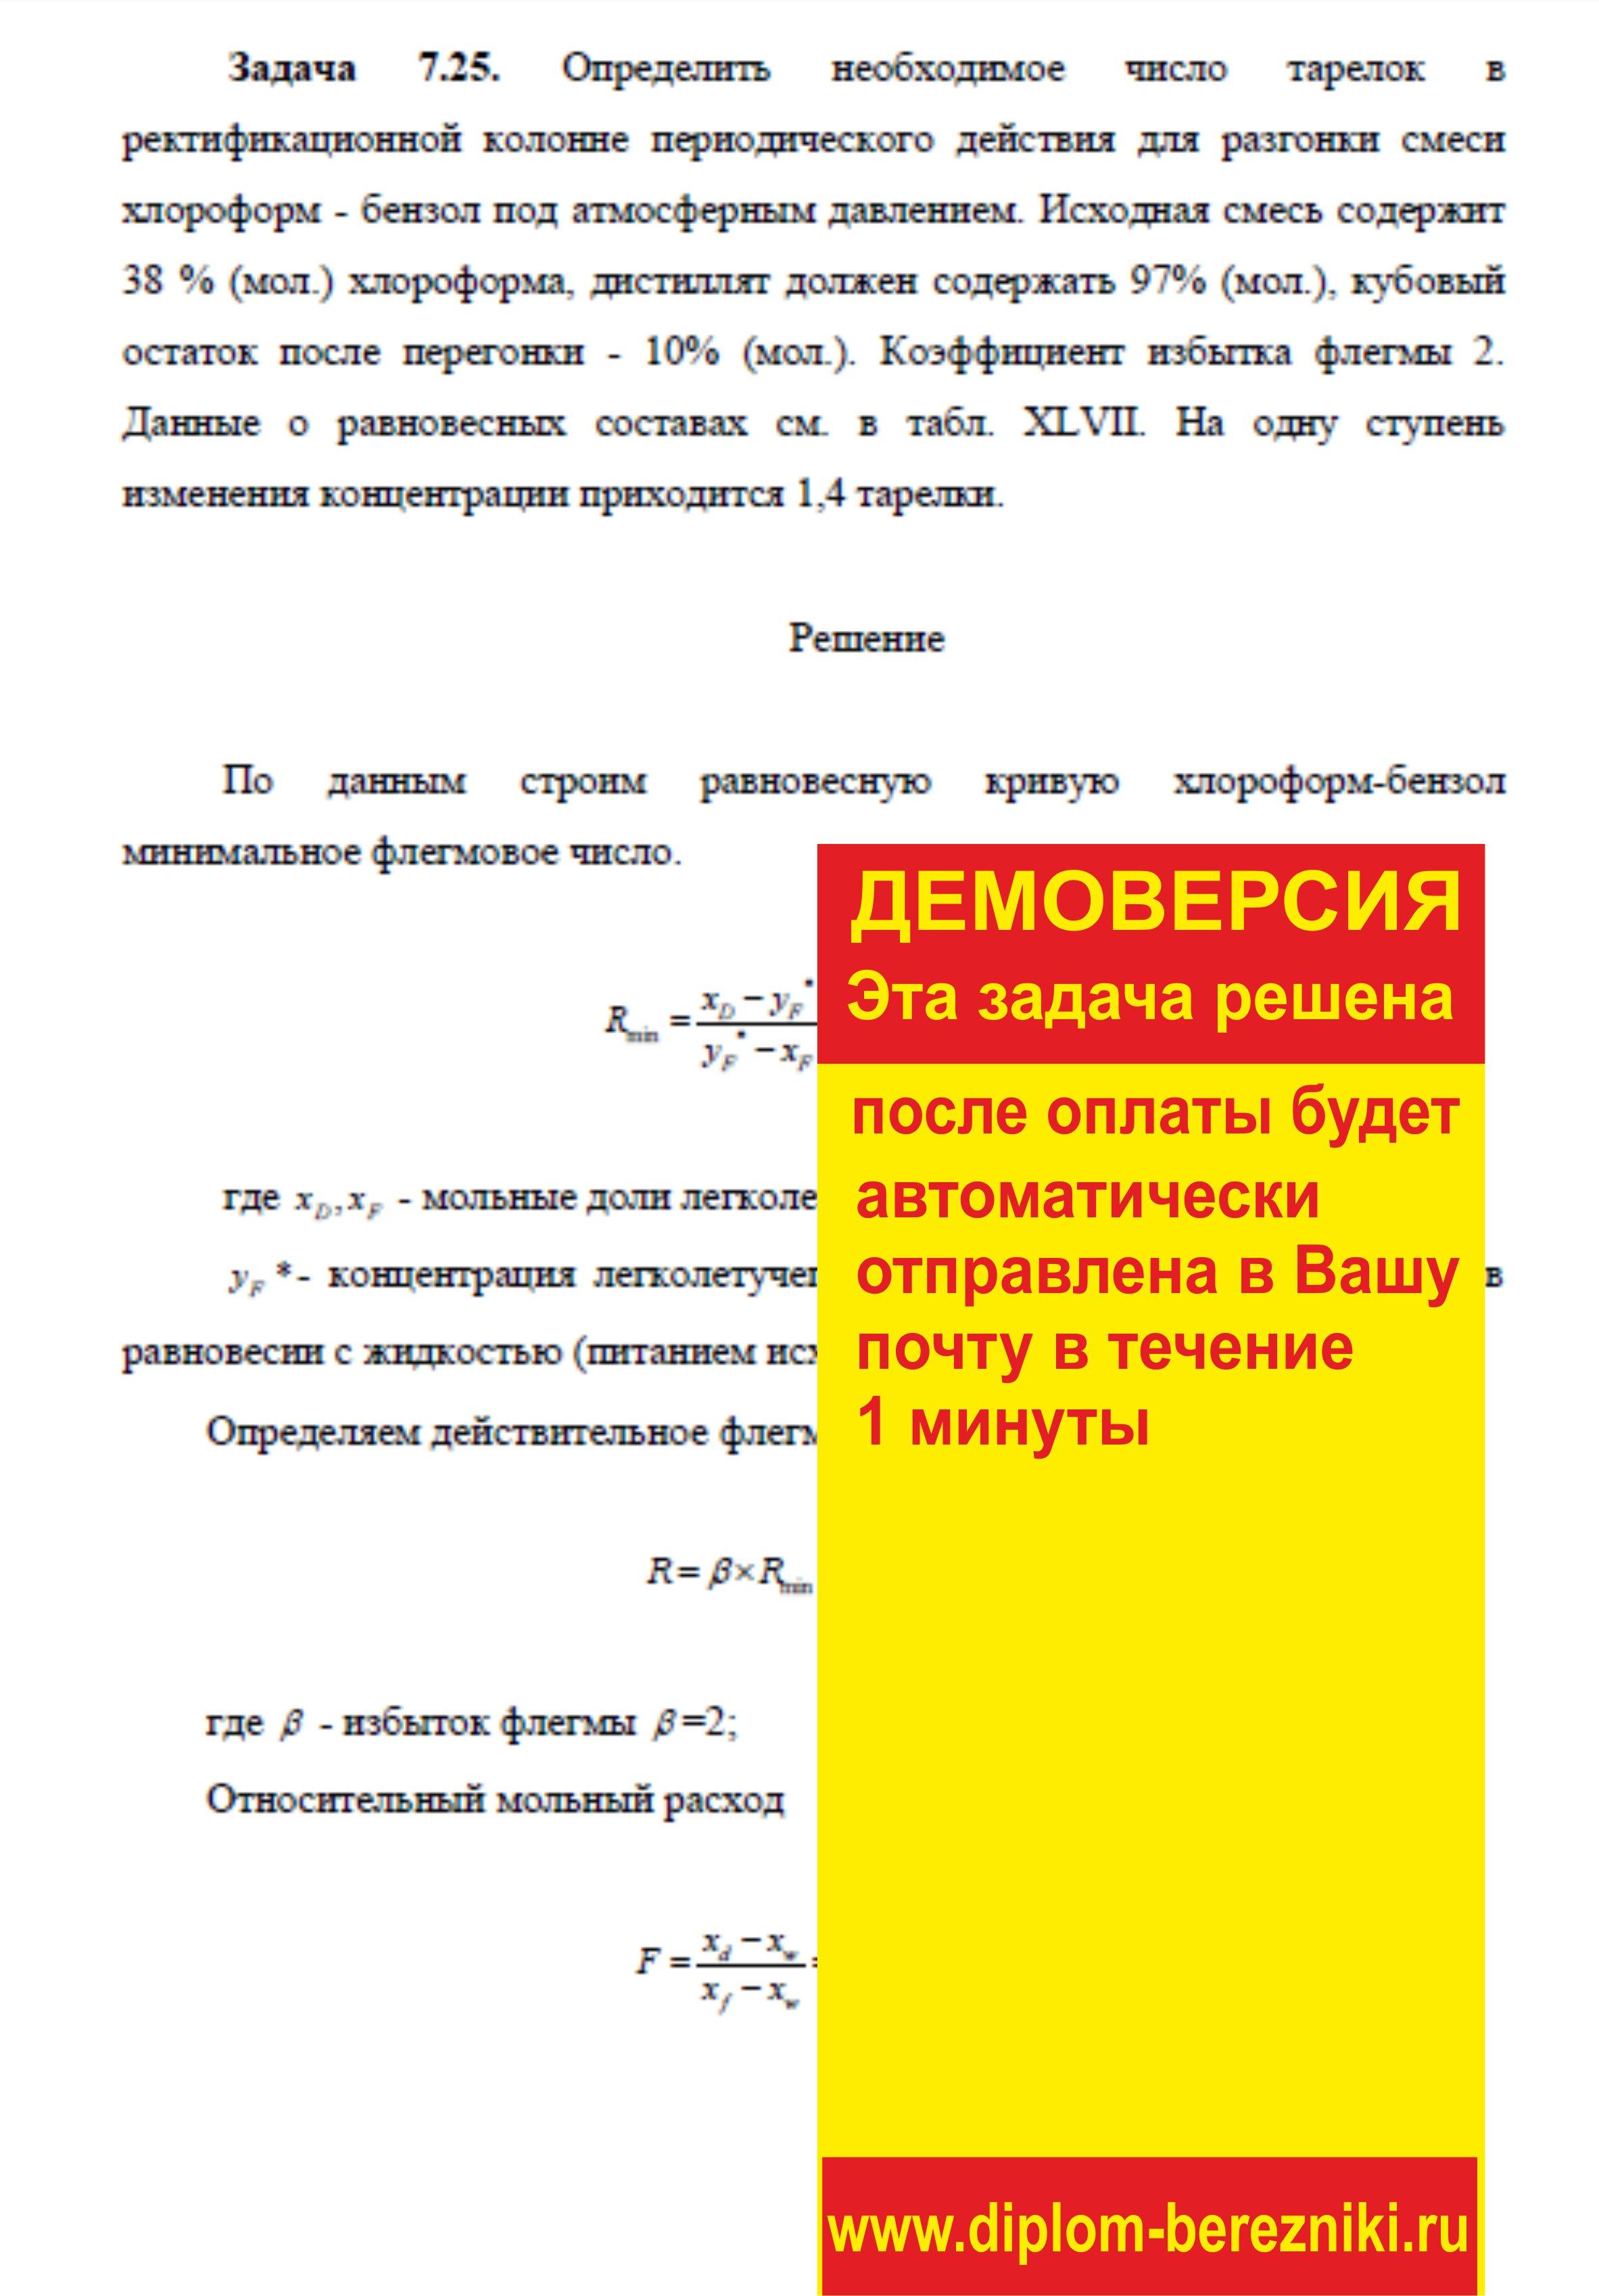 Решение задачи 7.25 по ПАХТ из задачника Павлова Романкова Носкова